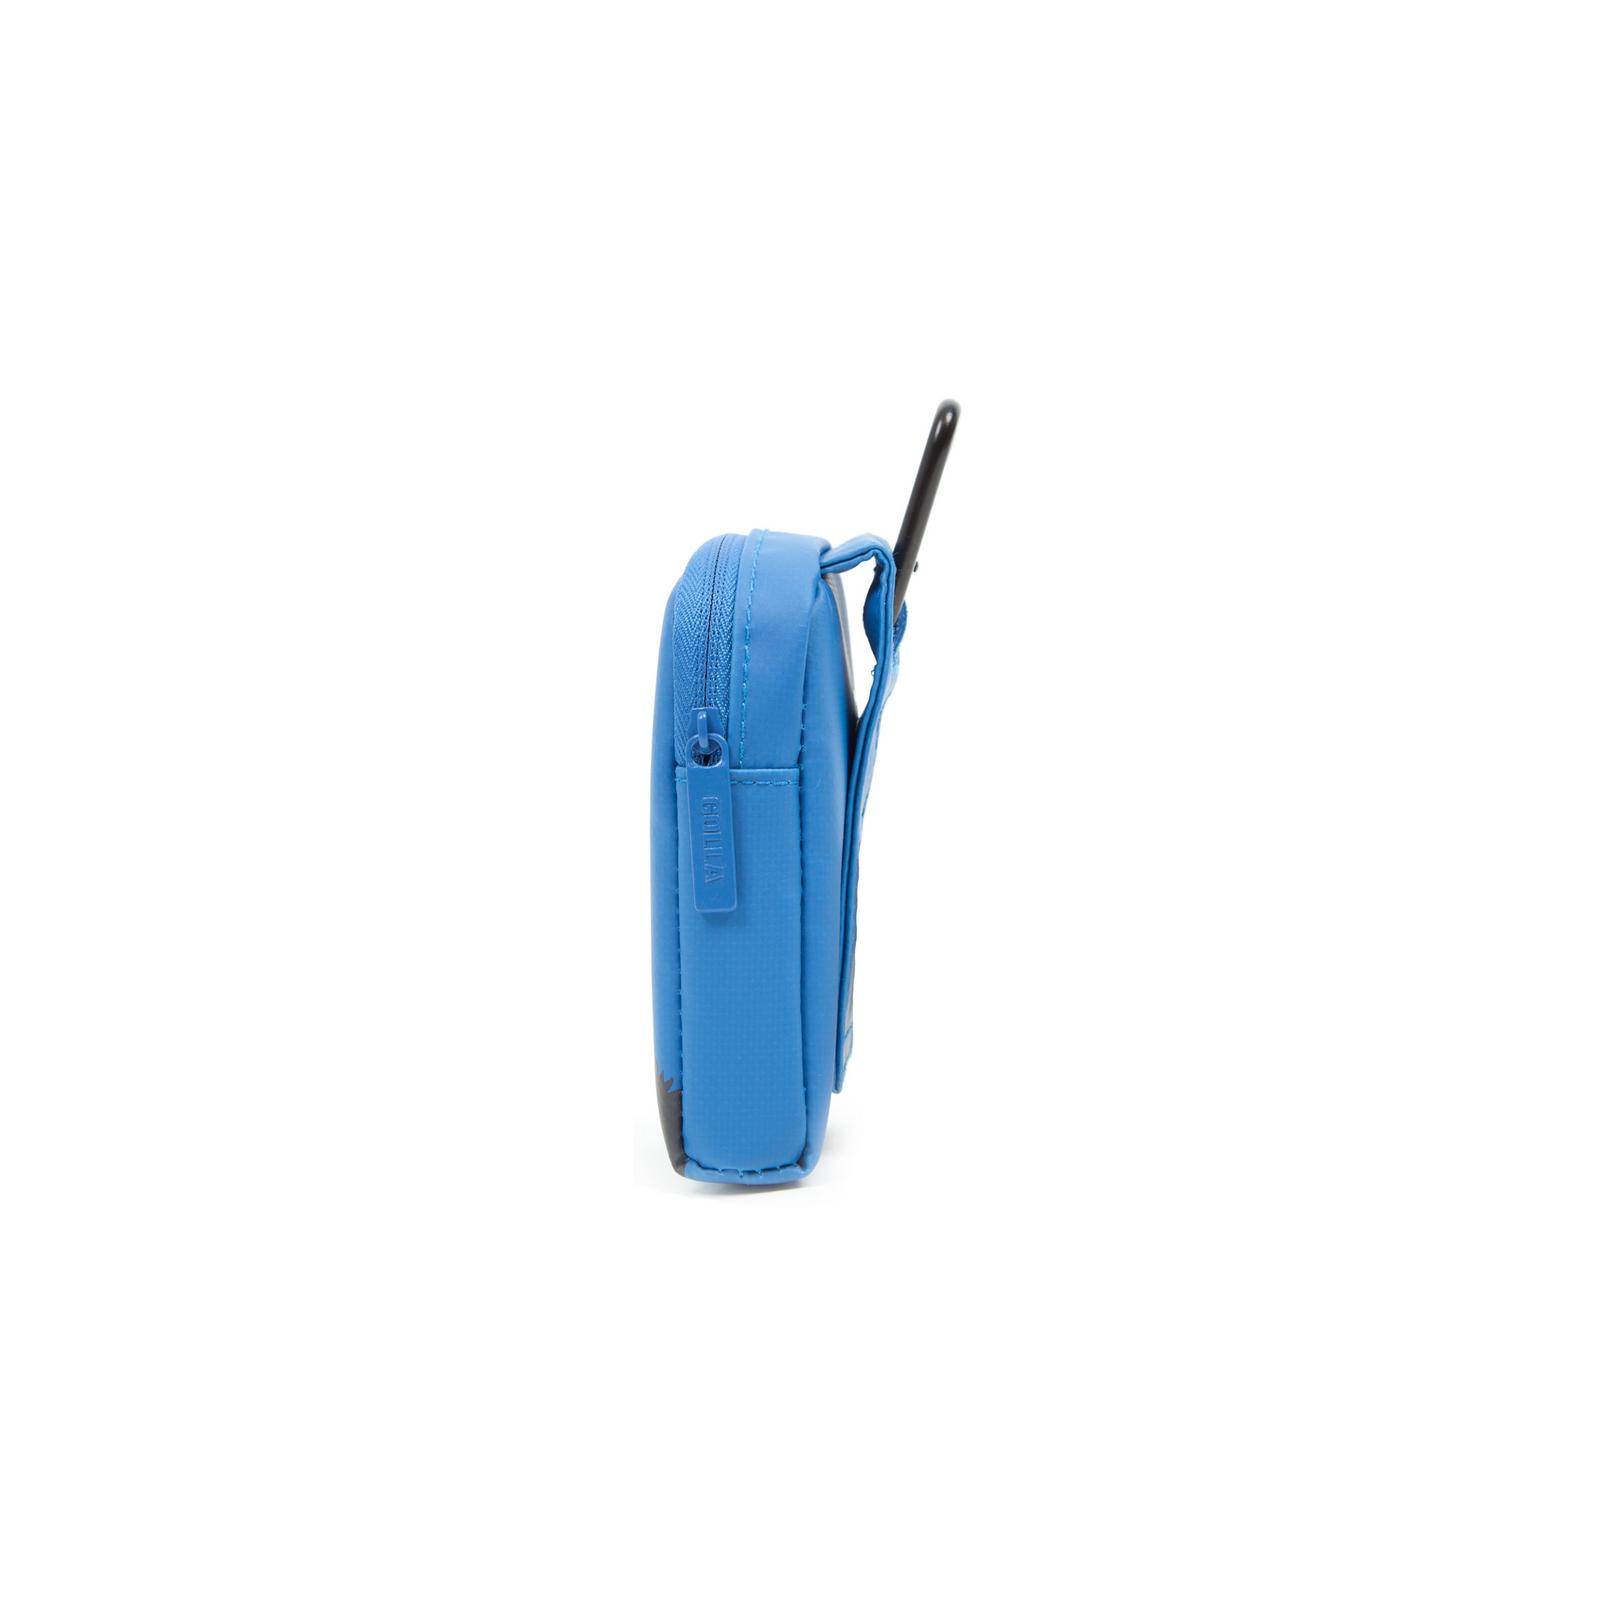 Фото-сумка Golla Digi Bag Burt PVC/polyester /blue (G1353) изображение 4